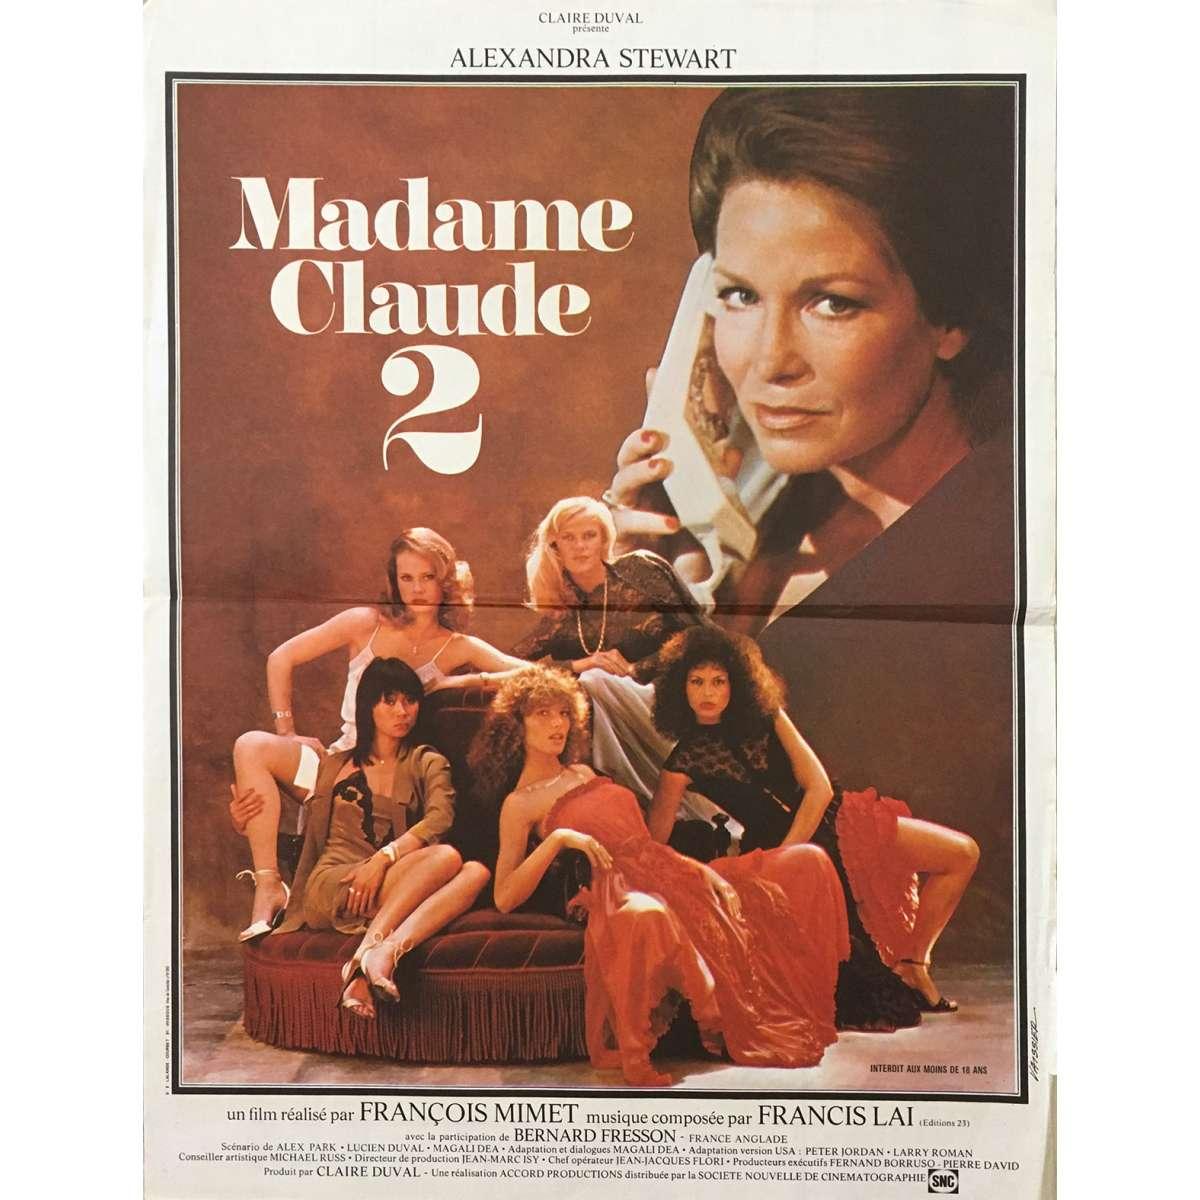 Madame Claude Film